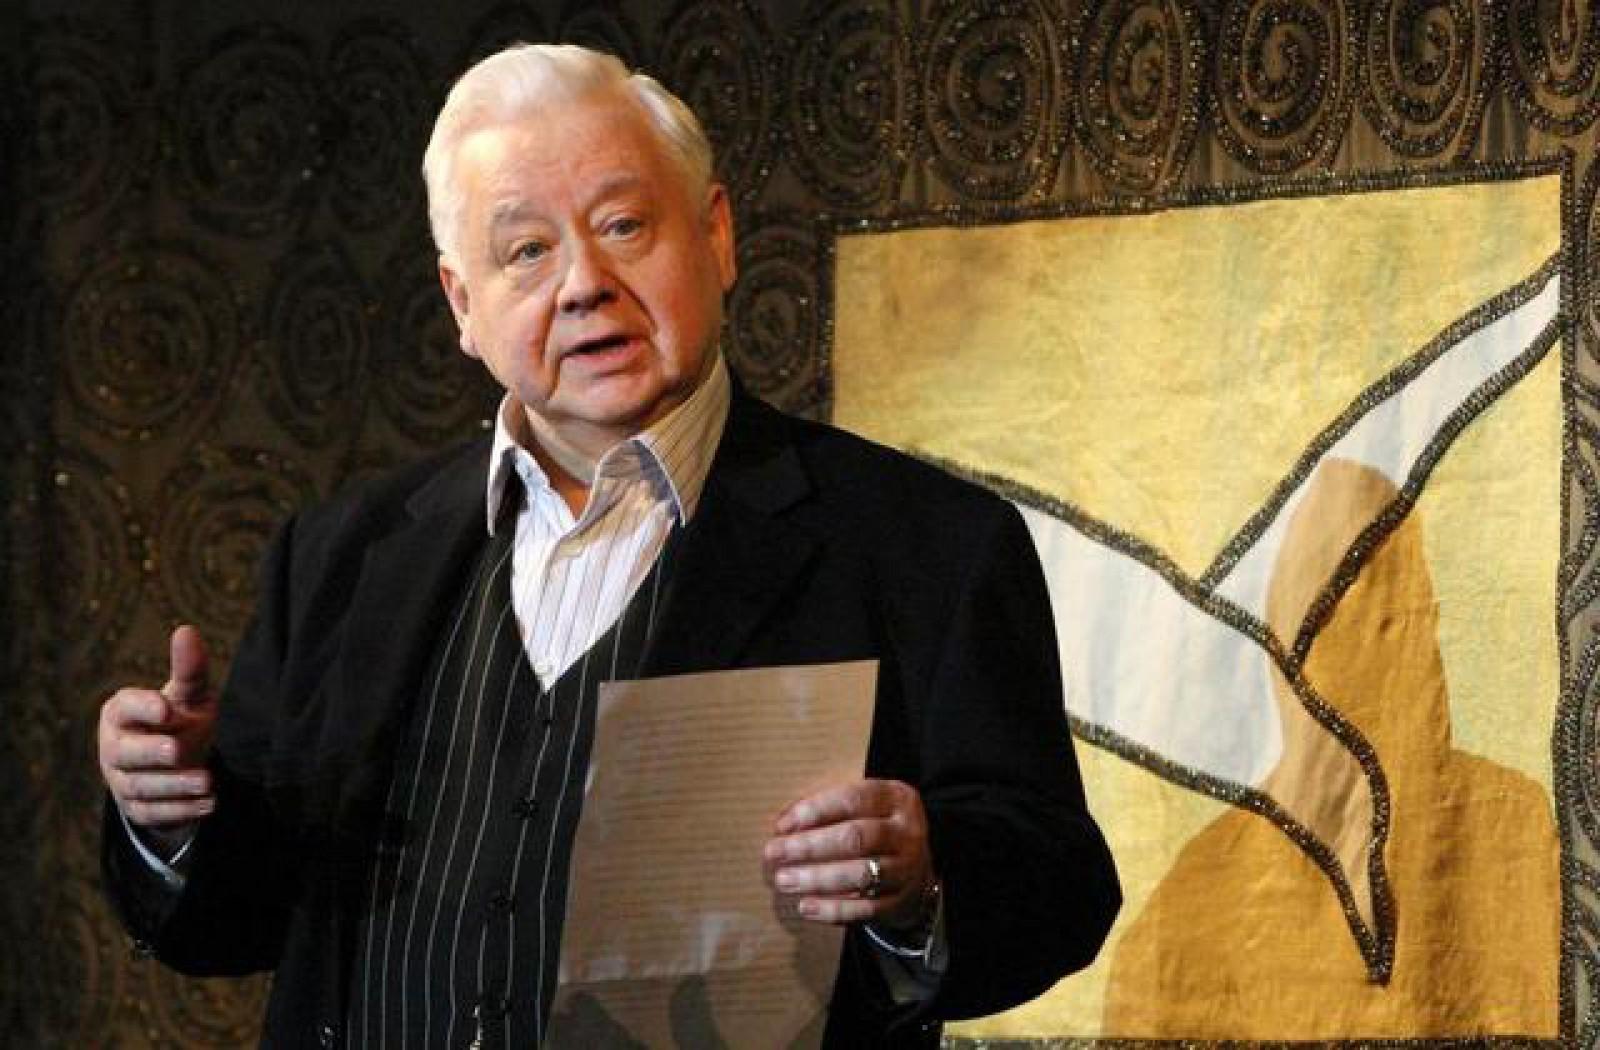 Actorul rus, Oleg Tabakov, care a jucat în filme sovietice celebre, s-a stins din viață la vârsta de 82 de ani